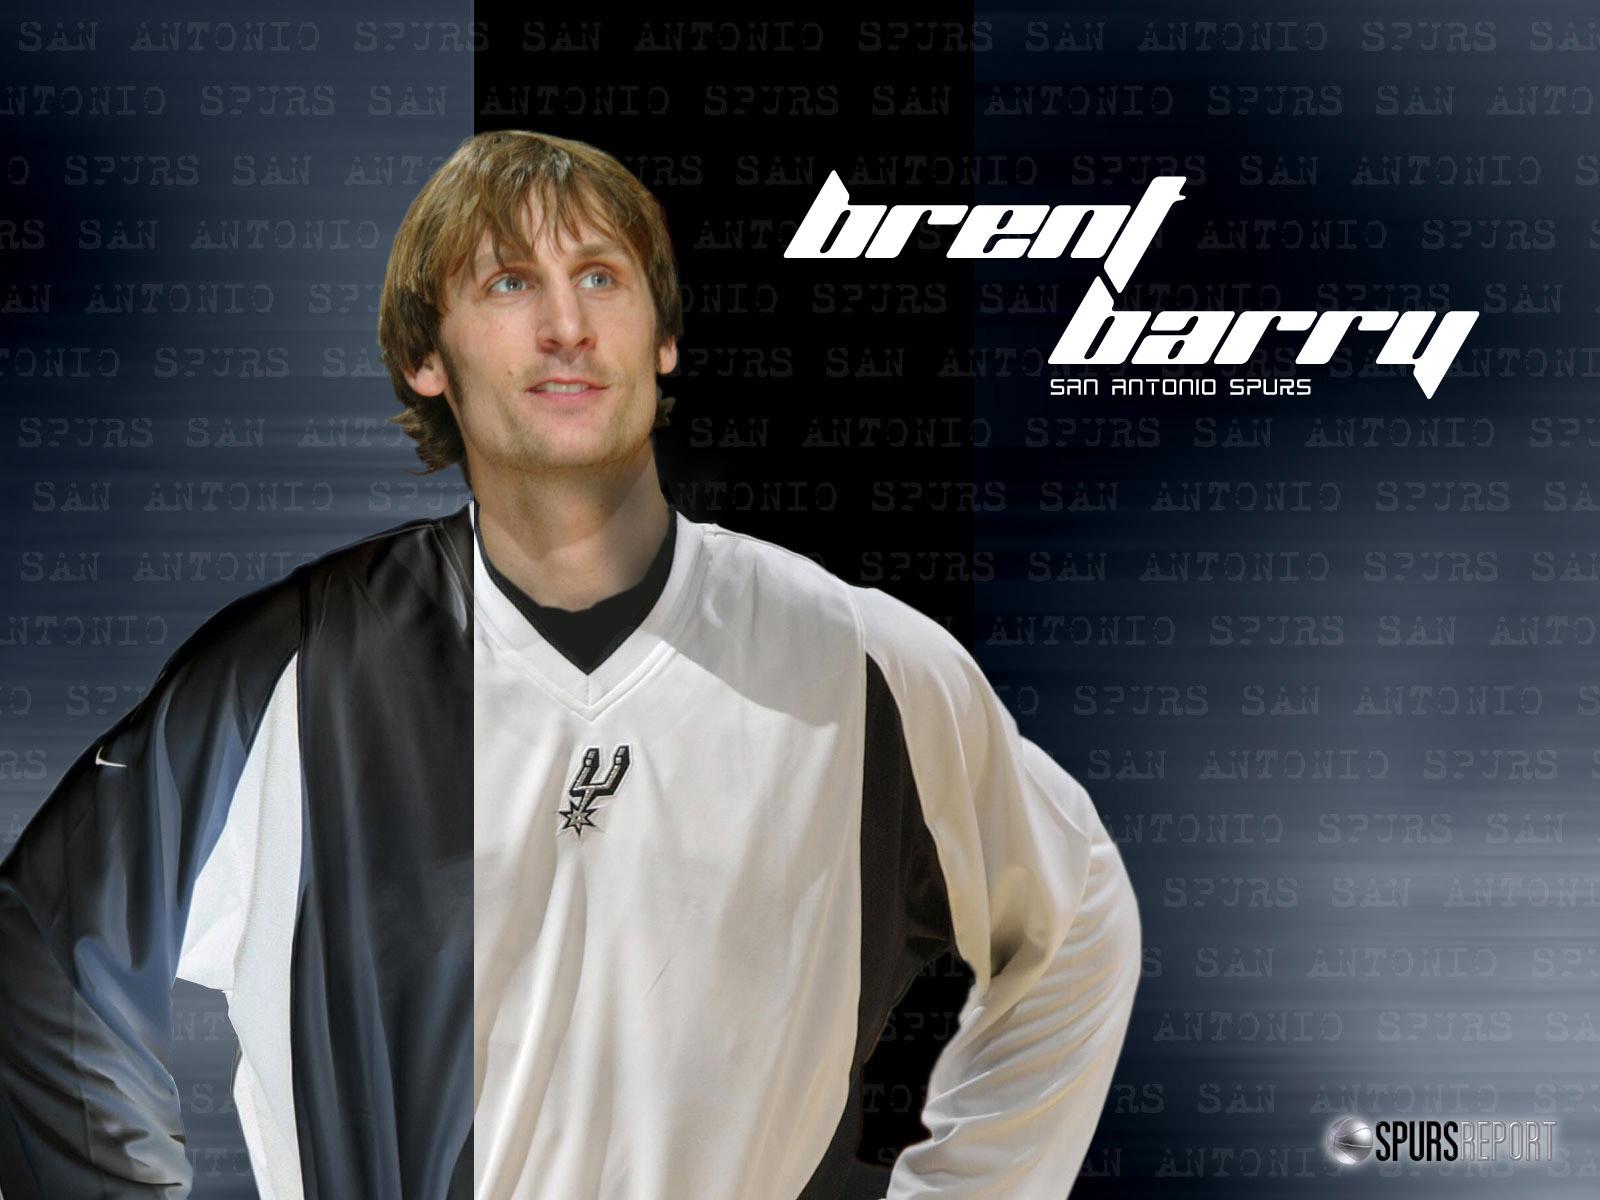 Brent Barry Wallpaper Basketball Wallpapers at BasketWallpaperscom 1600x1200